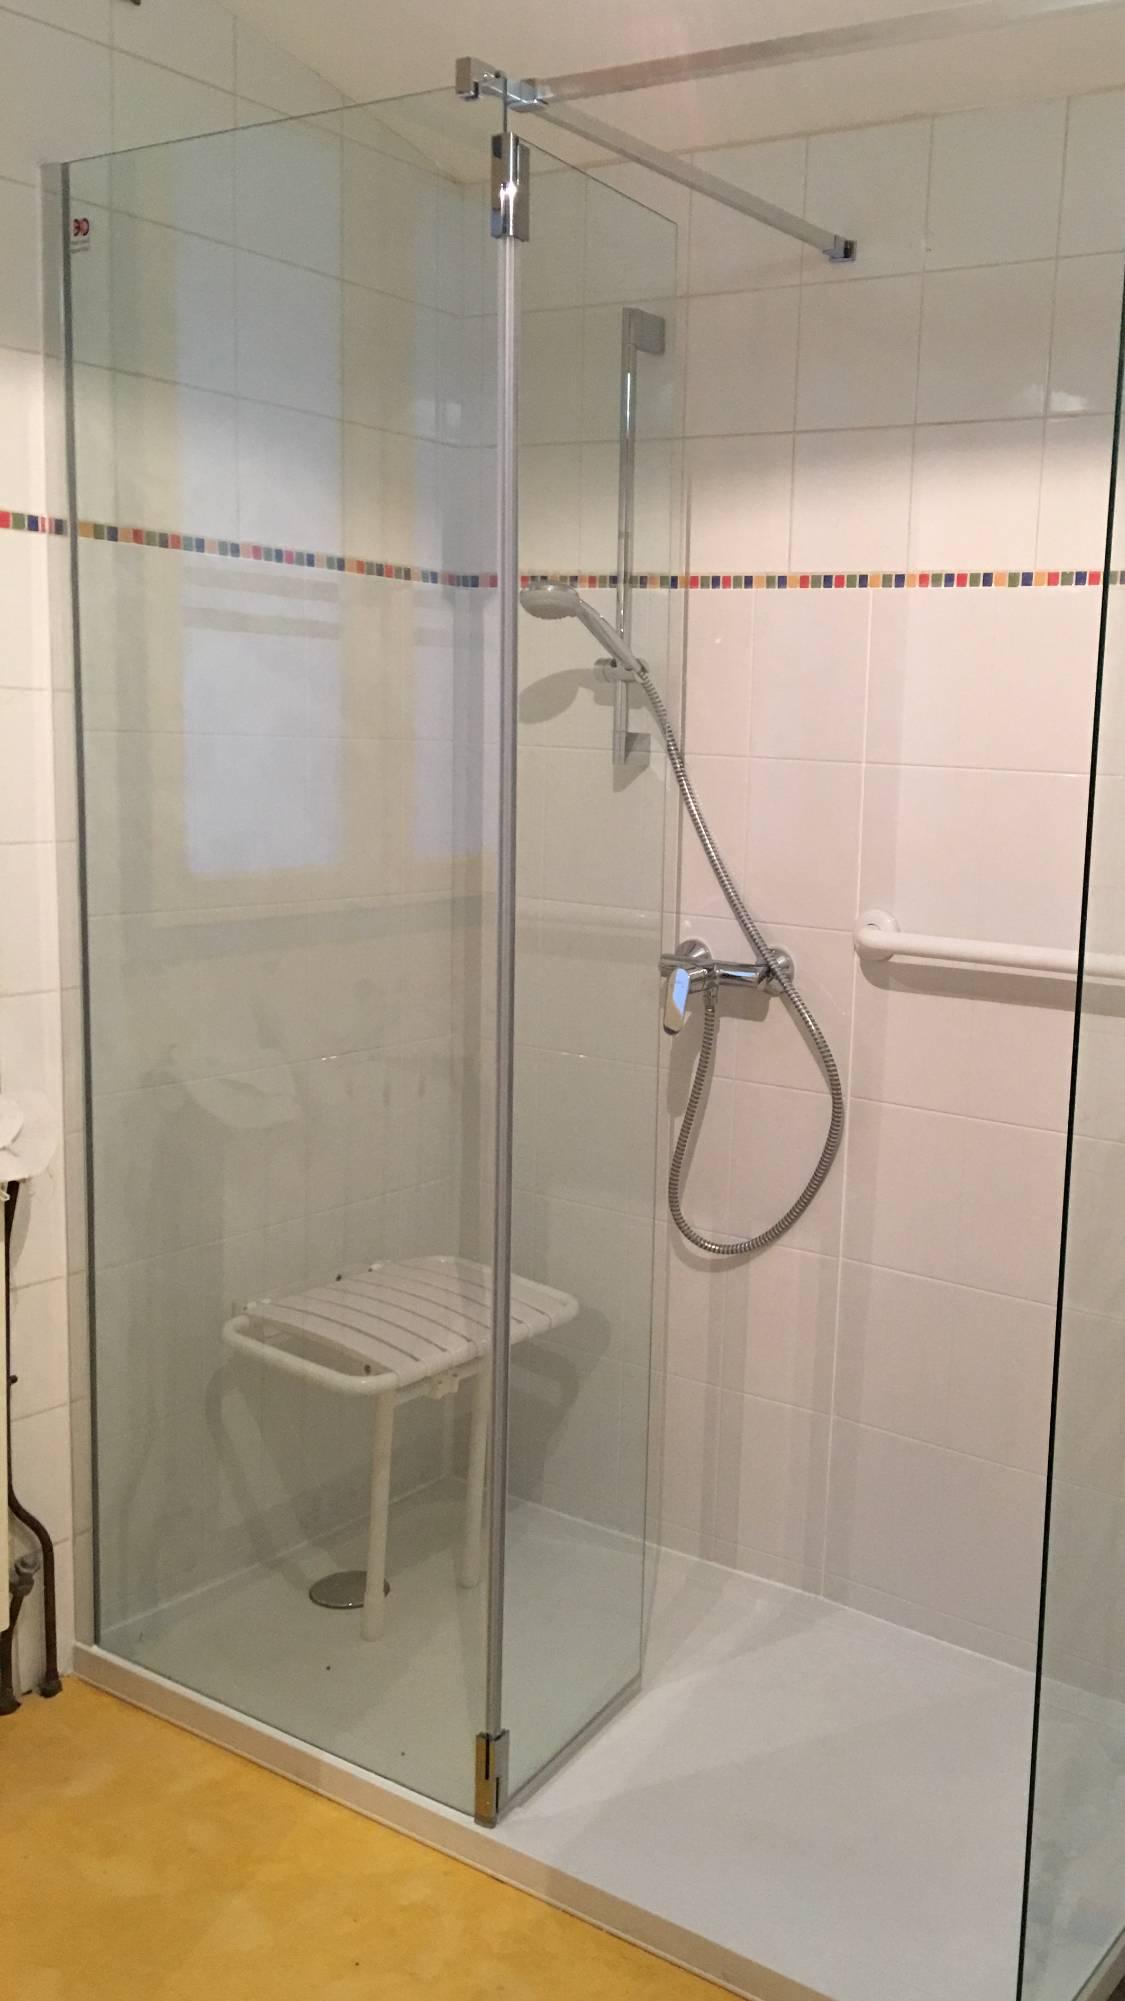 remplacer ma baignoire par une douche l 39 italienne s curis e annecy haute savoie 74. Black Bedroom Furniture Sets. Home Design Ideas